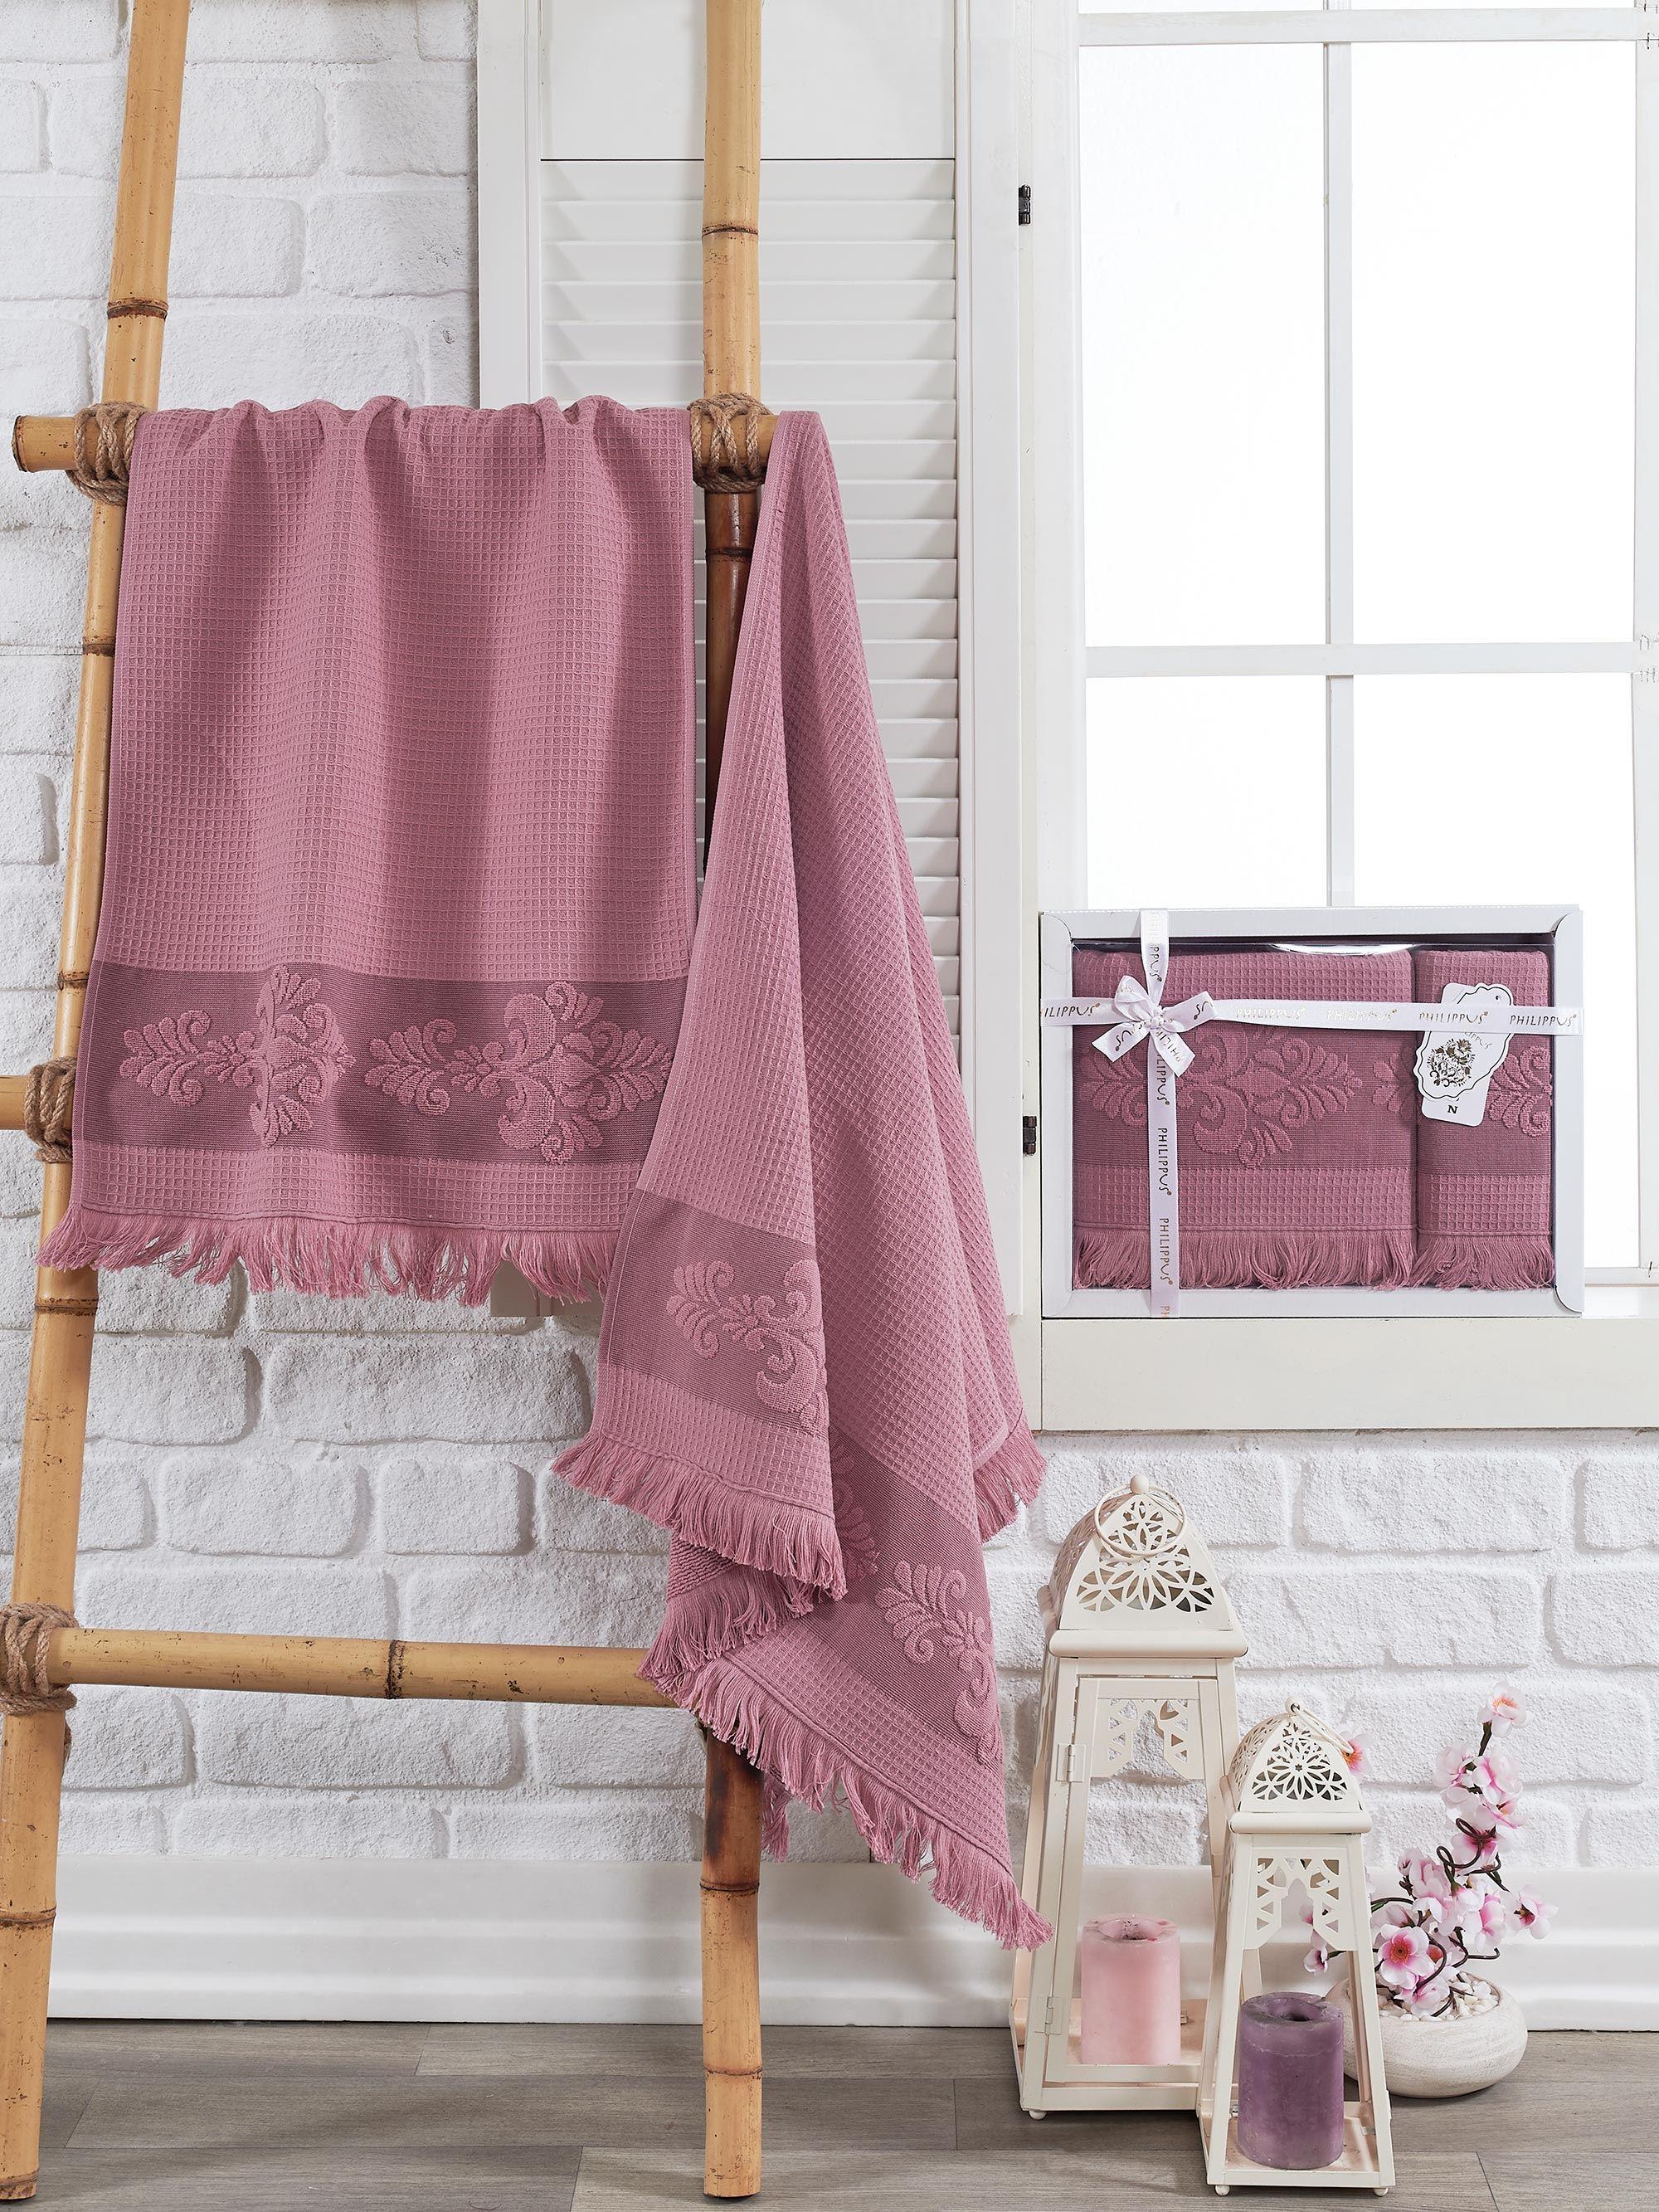 Полотенца Philippus Полотенце Ahus Цвет: Брусничный (50х90 см,70х140 см) полотенца philippus полотенце maura цвет кремовый 50х90 см